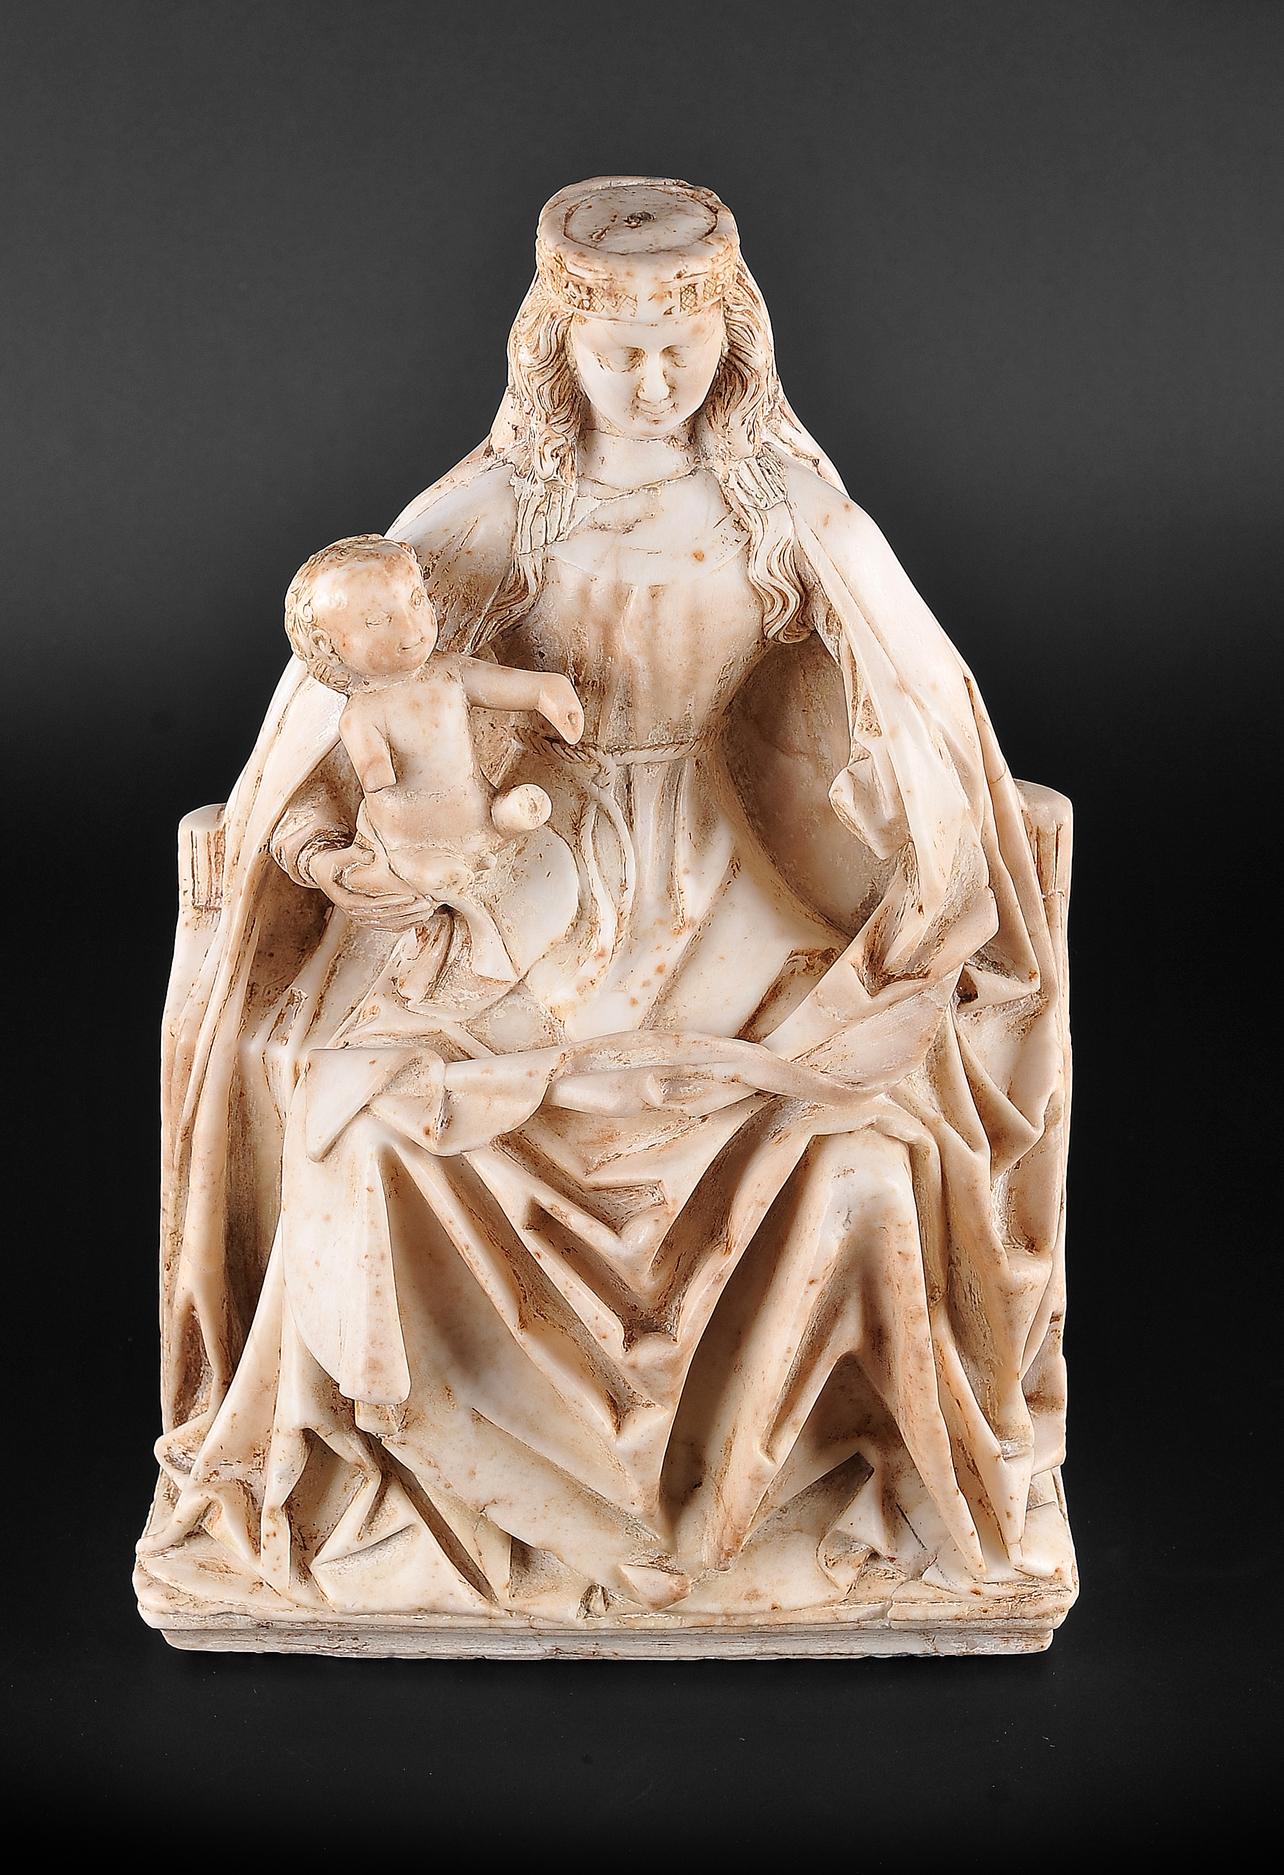 Gil de Siloe, Antwerpen 1440 – 1501 Burgos (und Werkstatt), Sitzende Madonna, um 1485/90 - Image 2 of 25